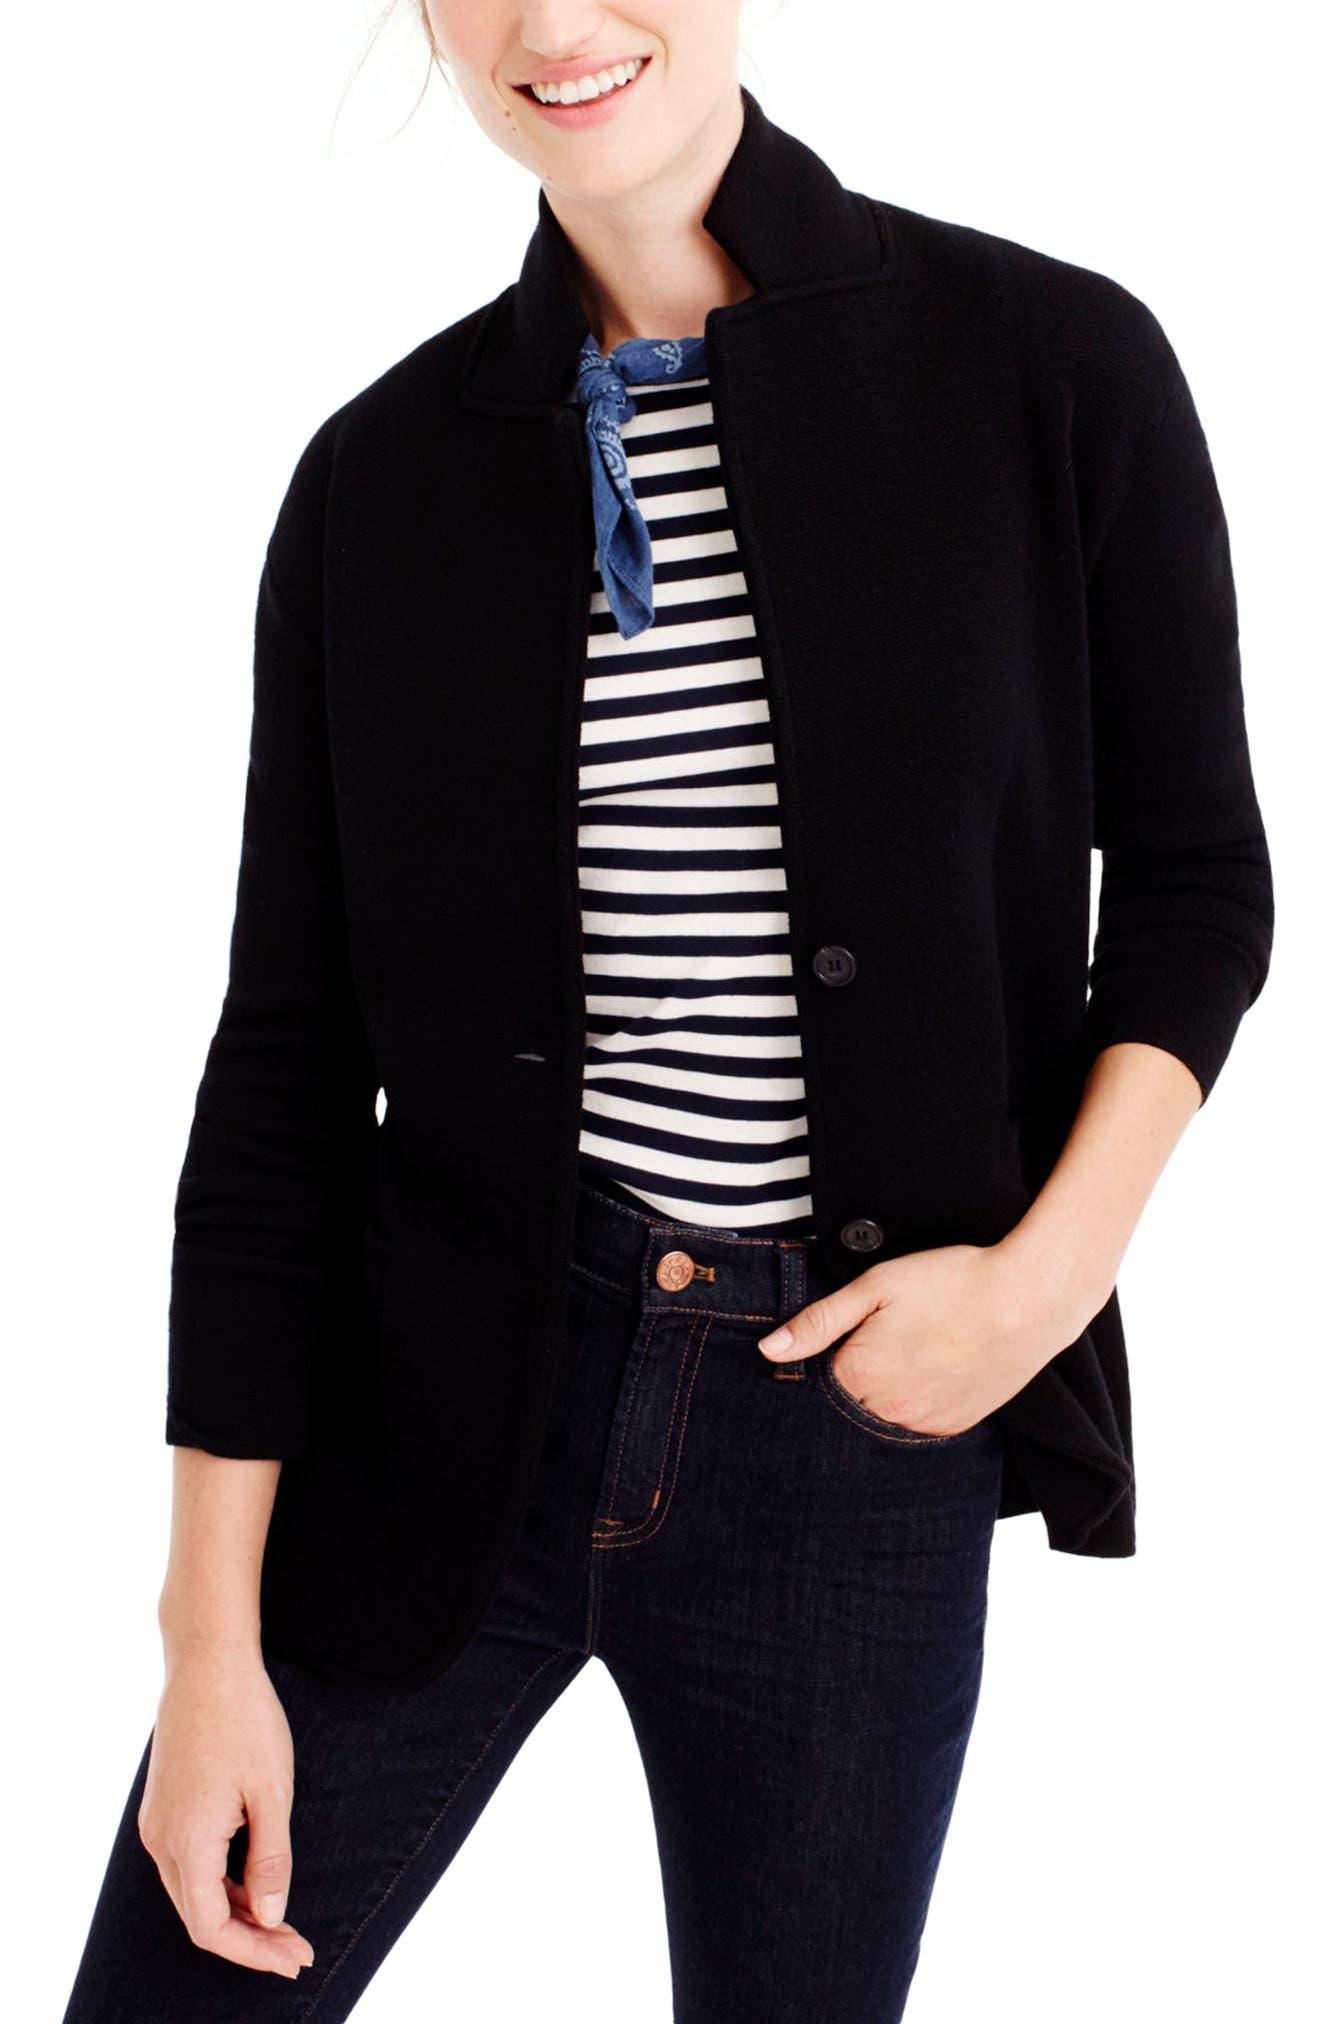 Main Image - J.Crew Merino Wool Sweater Blazer